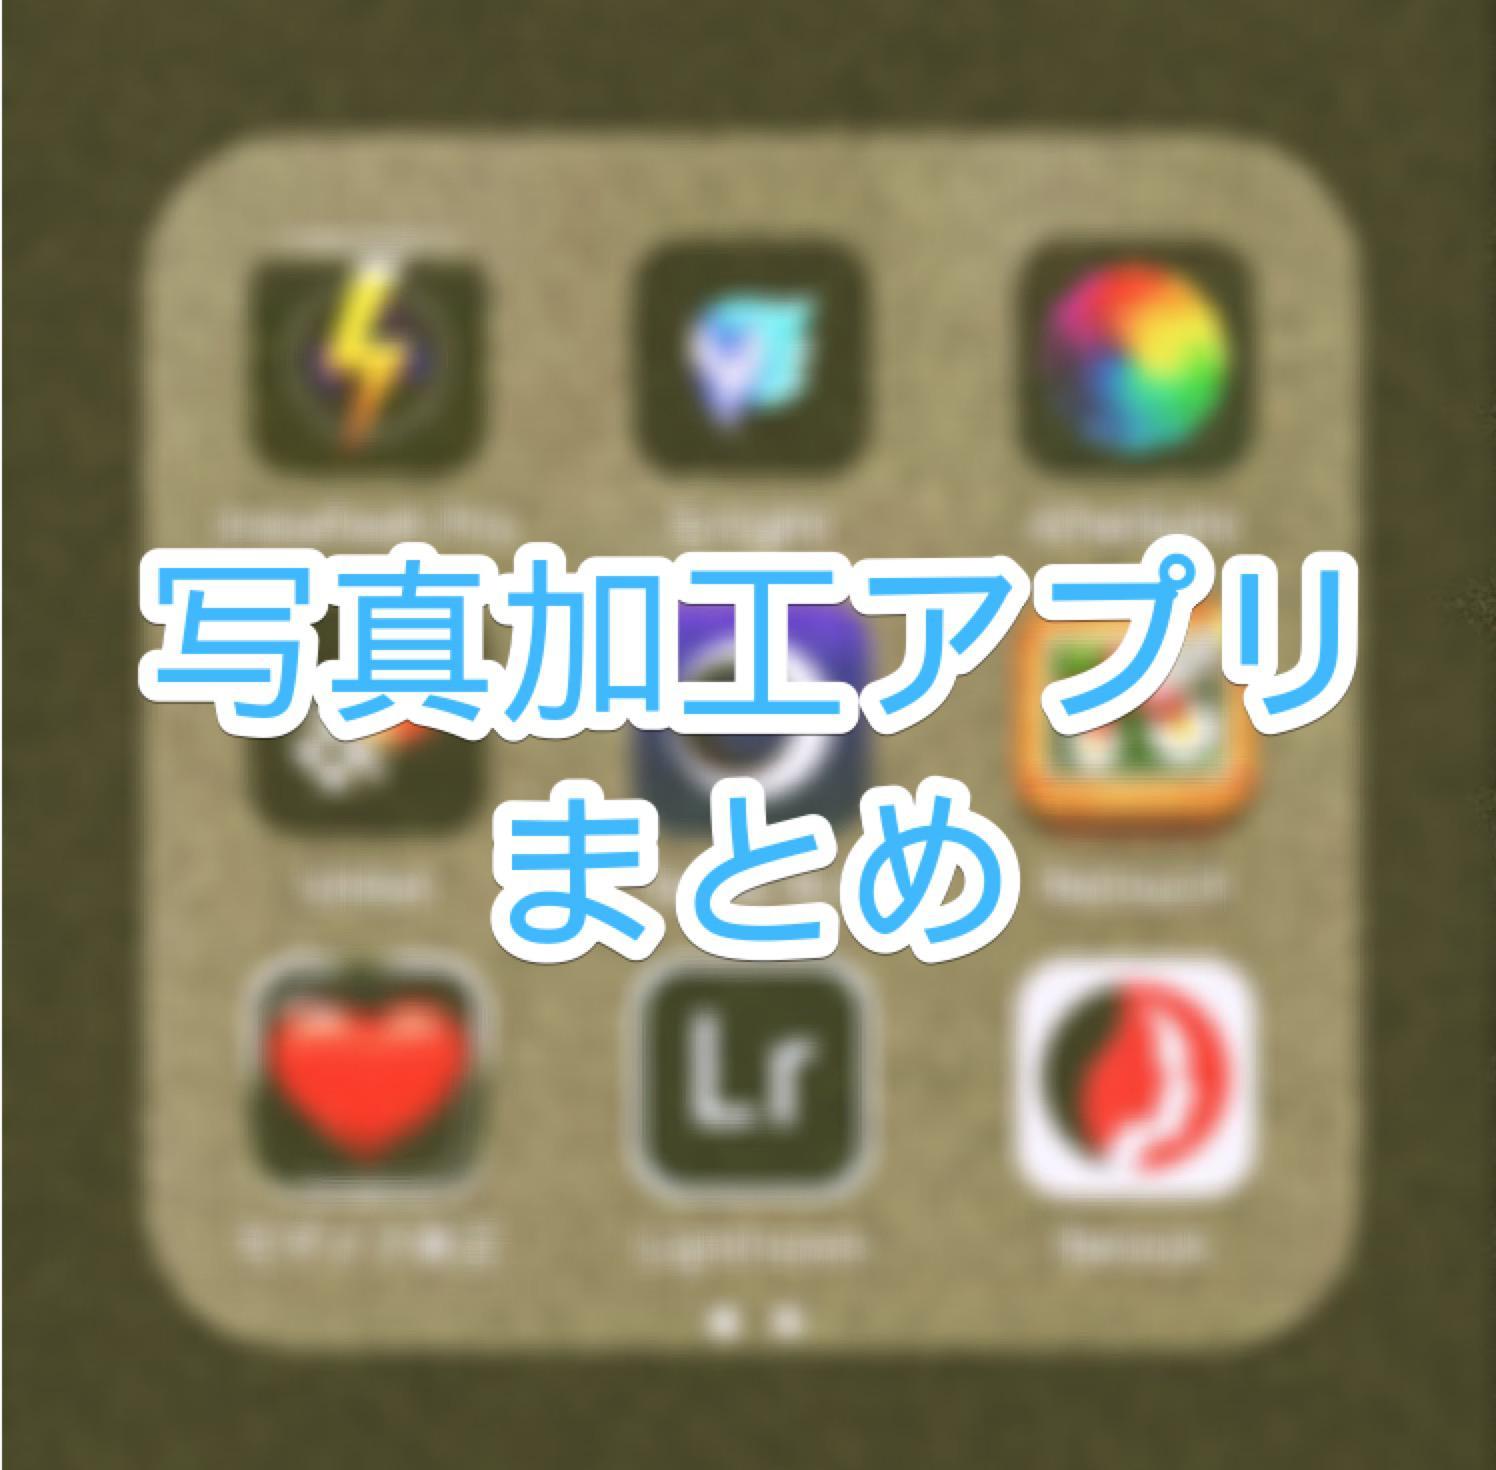 画像 アプリ iphone 加工